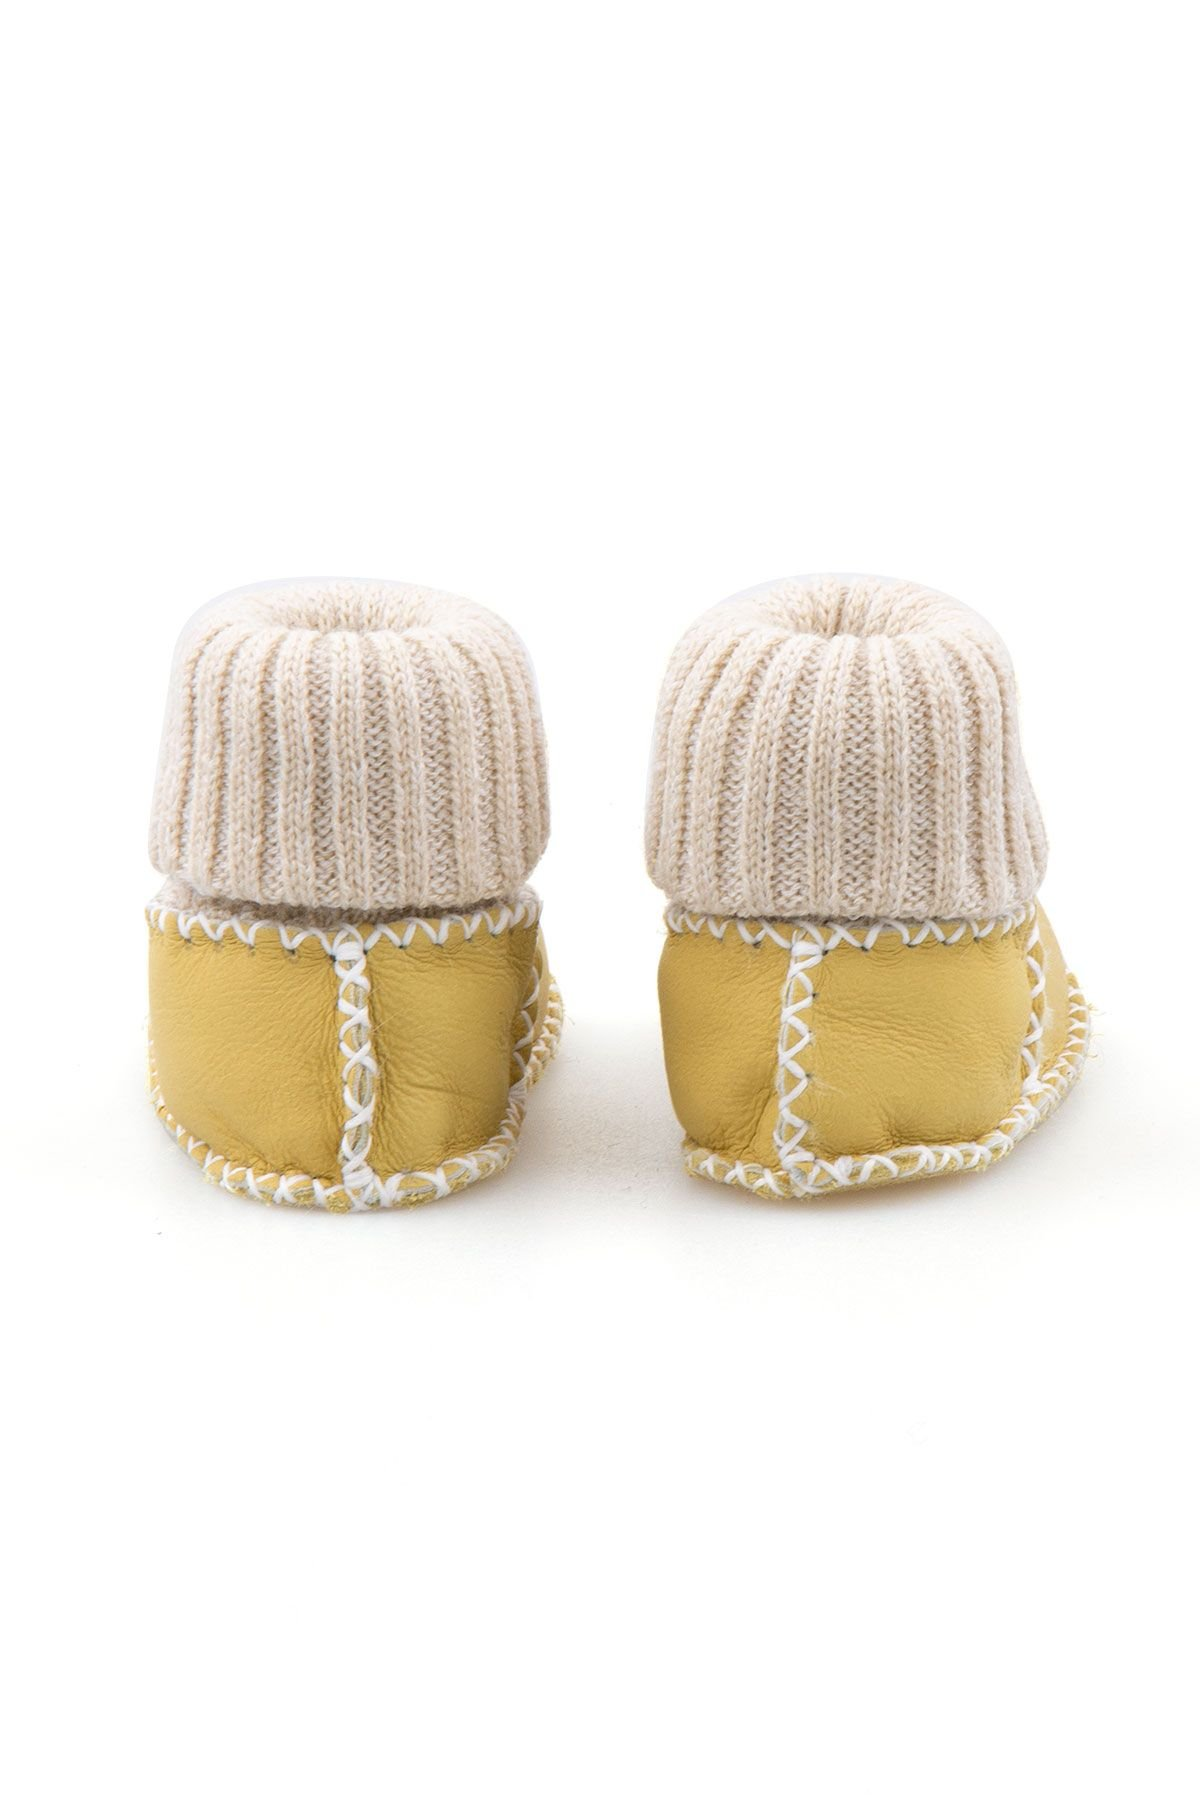 Pegia Hakiki Kürklü Çoraplı Bebek Patiği 141107 Sarı